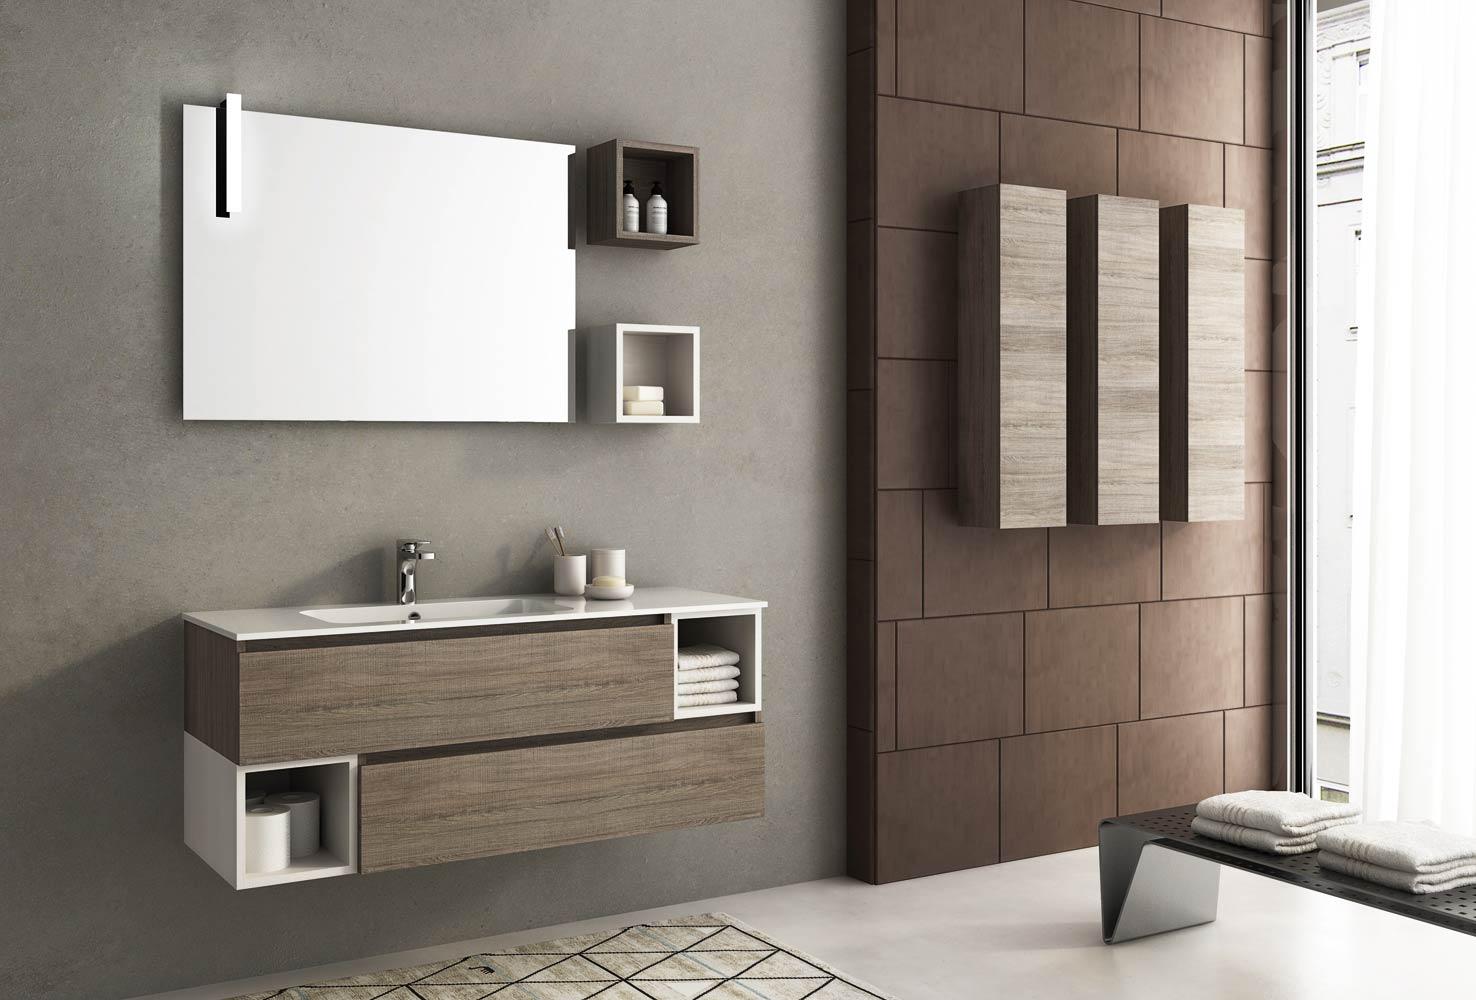 Come scegliere e trovare mobili da bagno economici casa live for Mobili arredo online